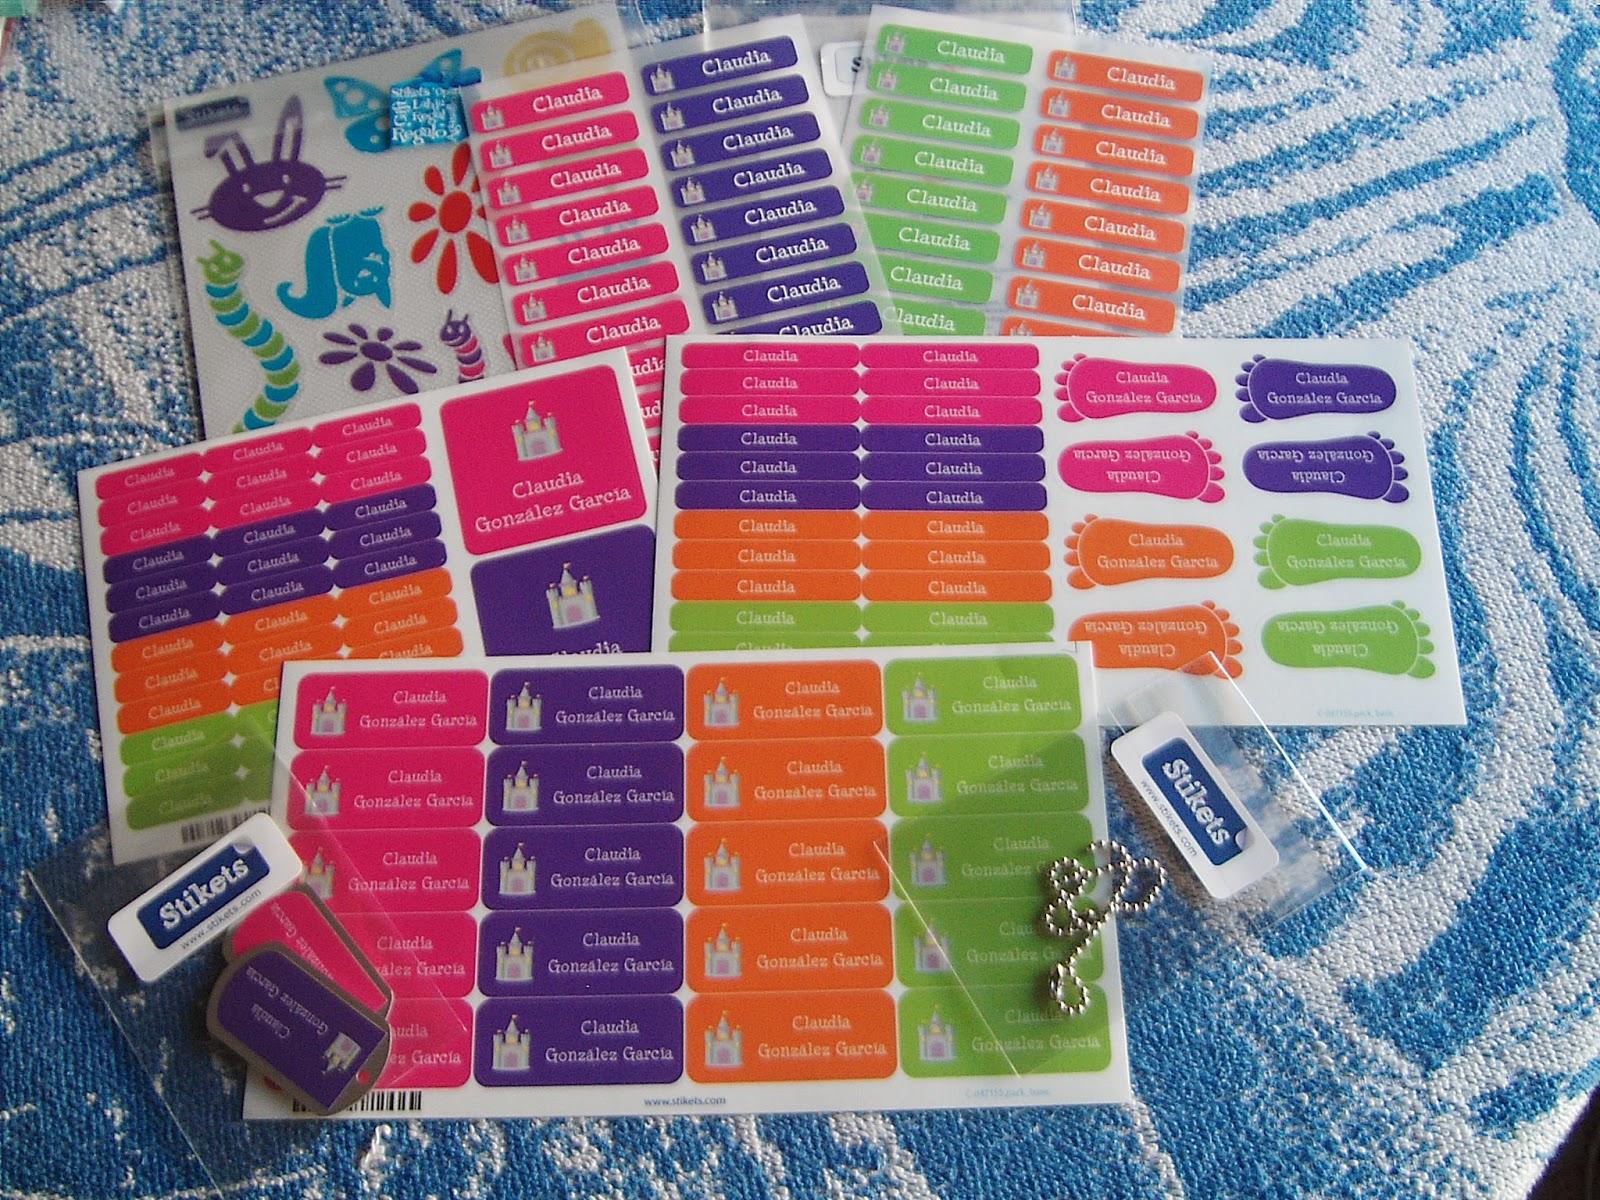 1b0dddcf30a91 Etiquetas multiuso etiquetas de equipaje etiquetas de ropa etiquetas de  zapatos. La página para elegir el modelo te da varias opciones para poder  hacer ...